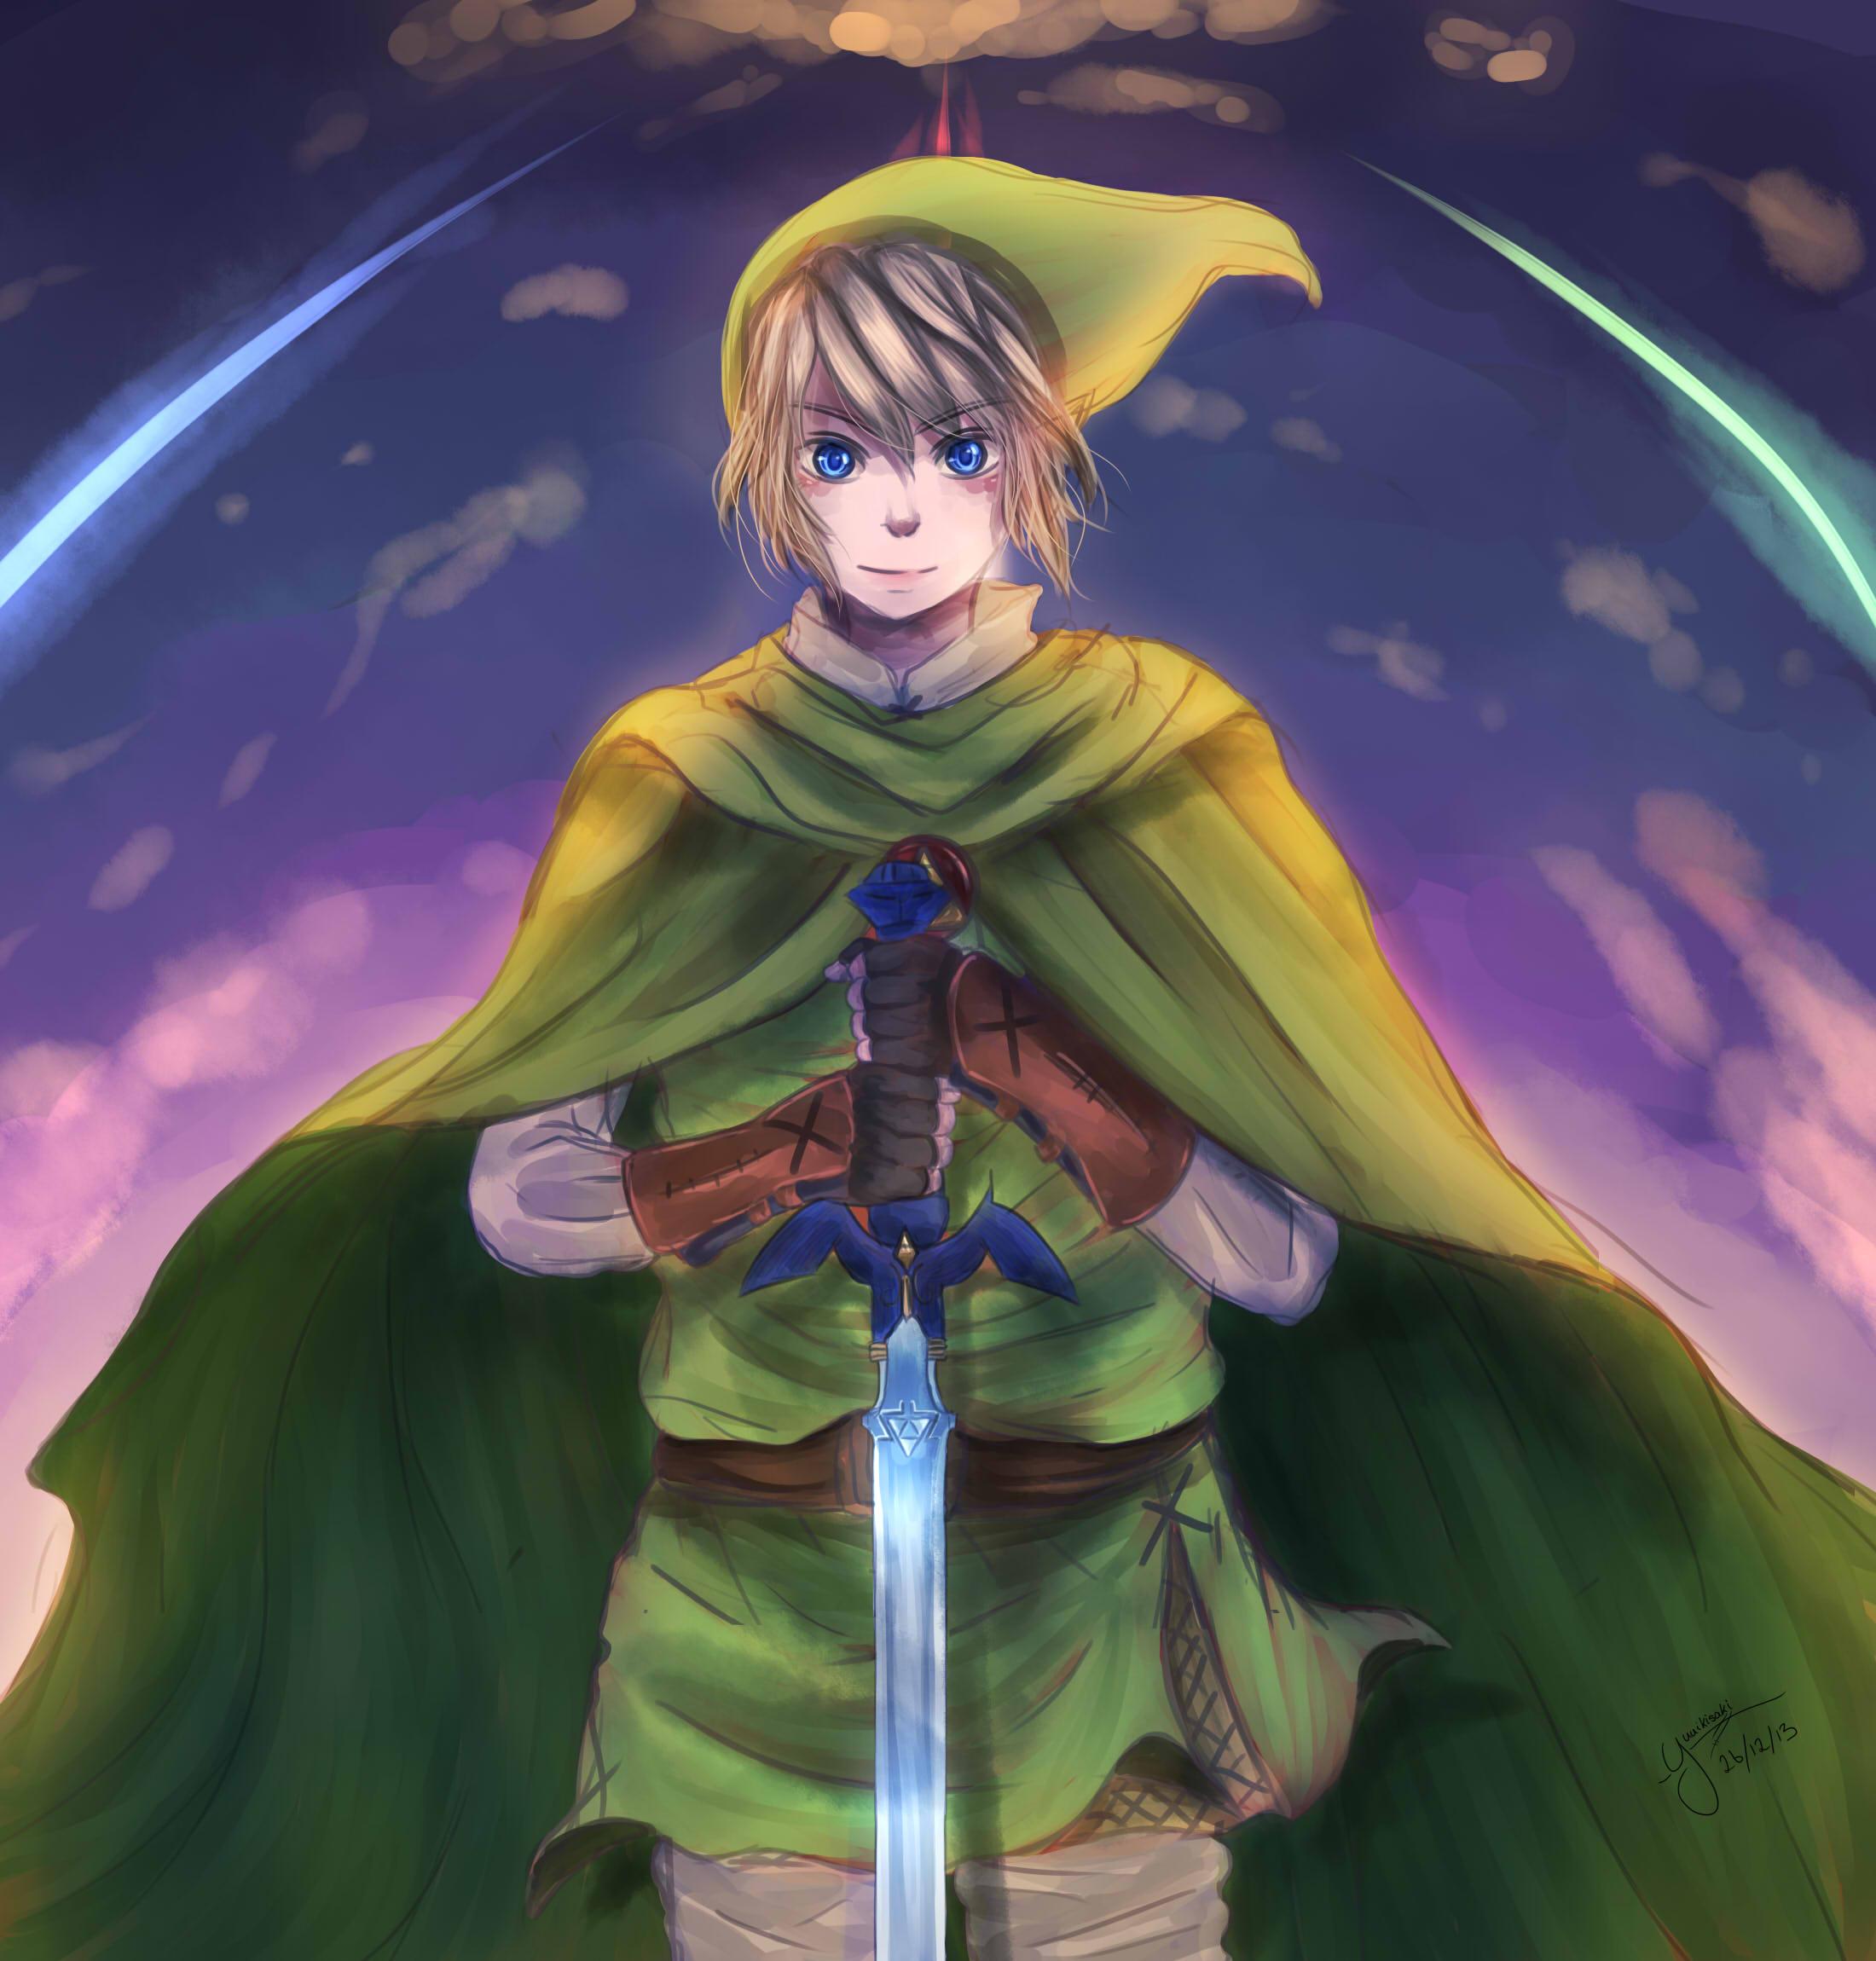 Hero by ka-rael